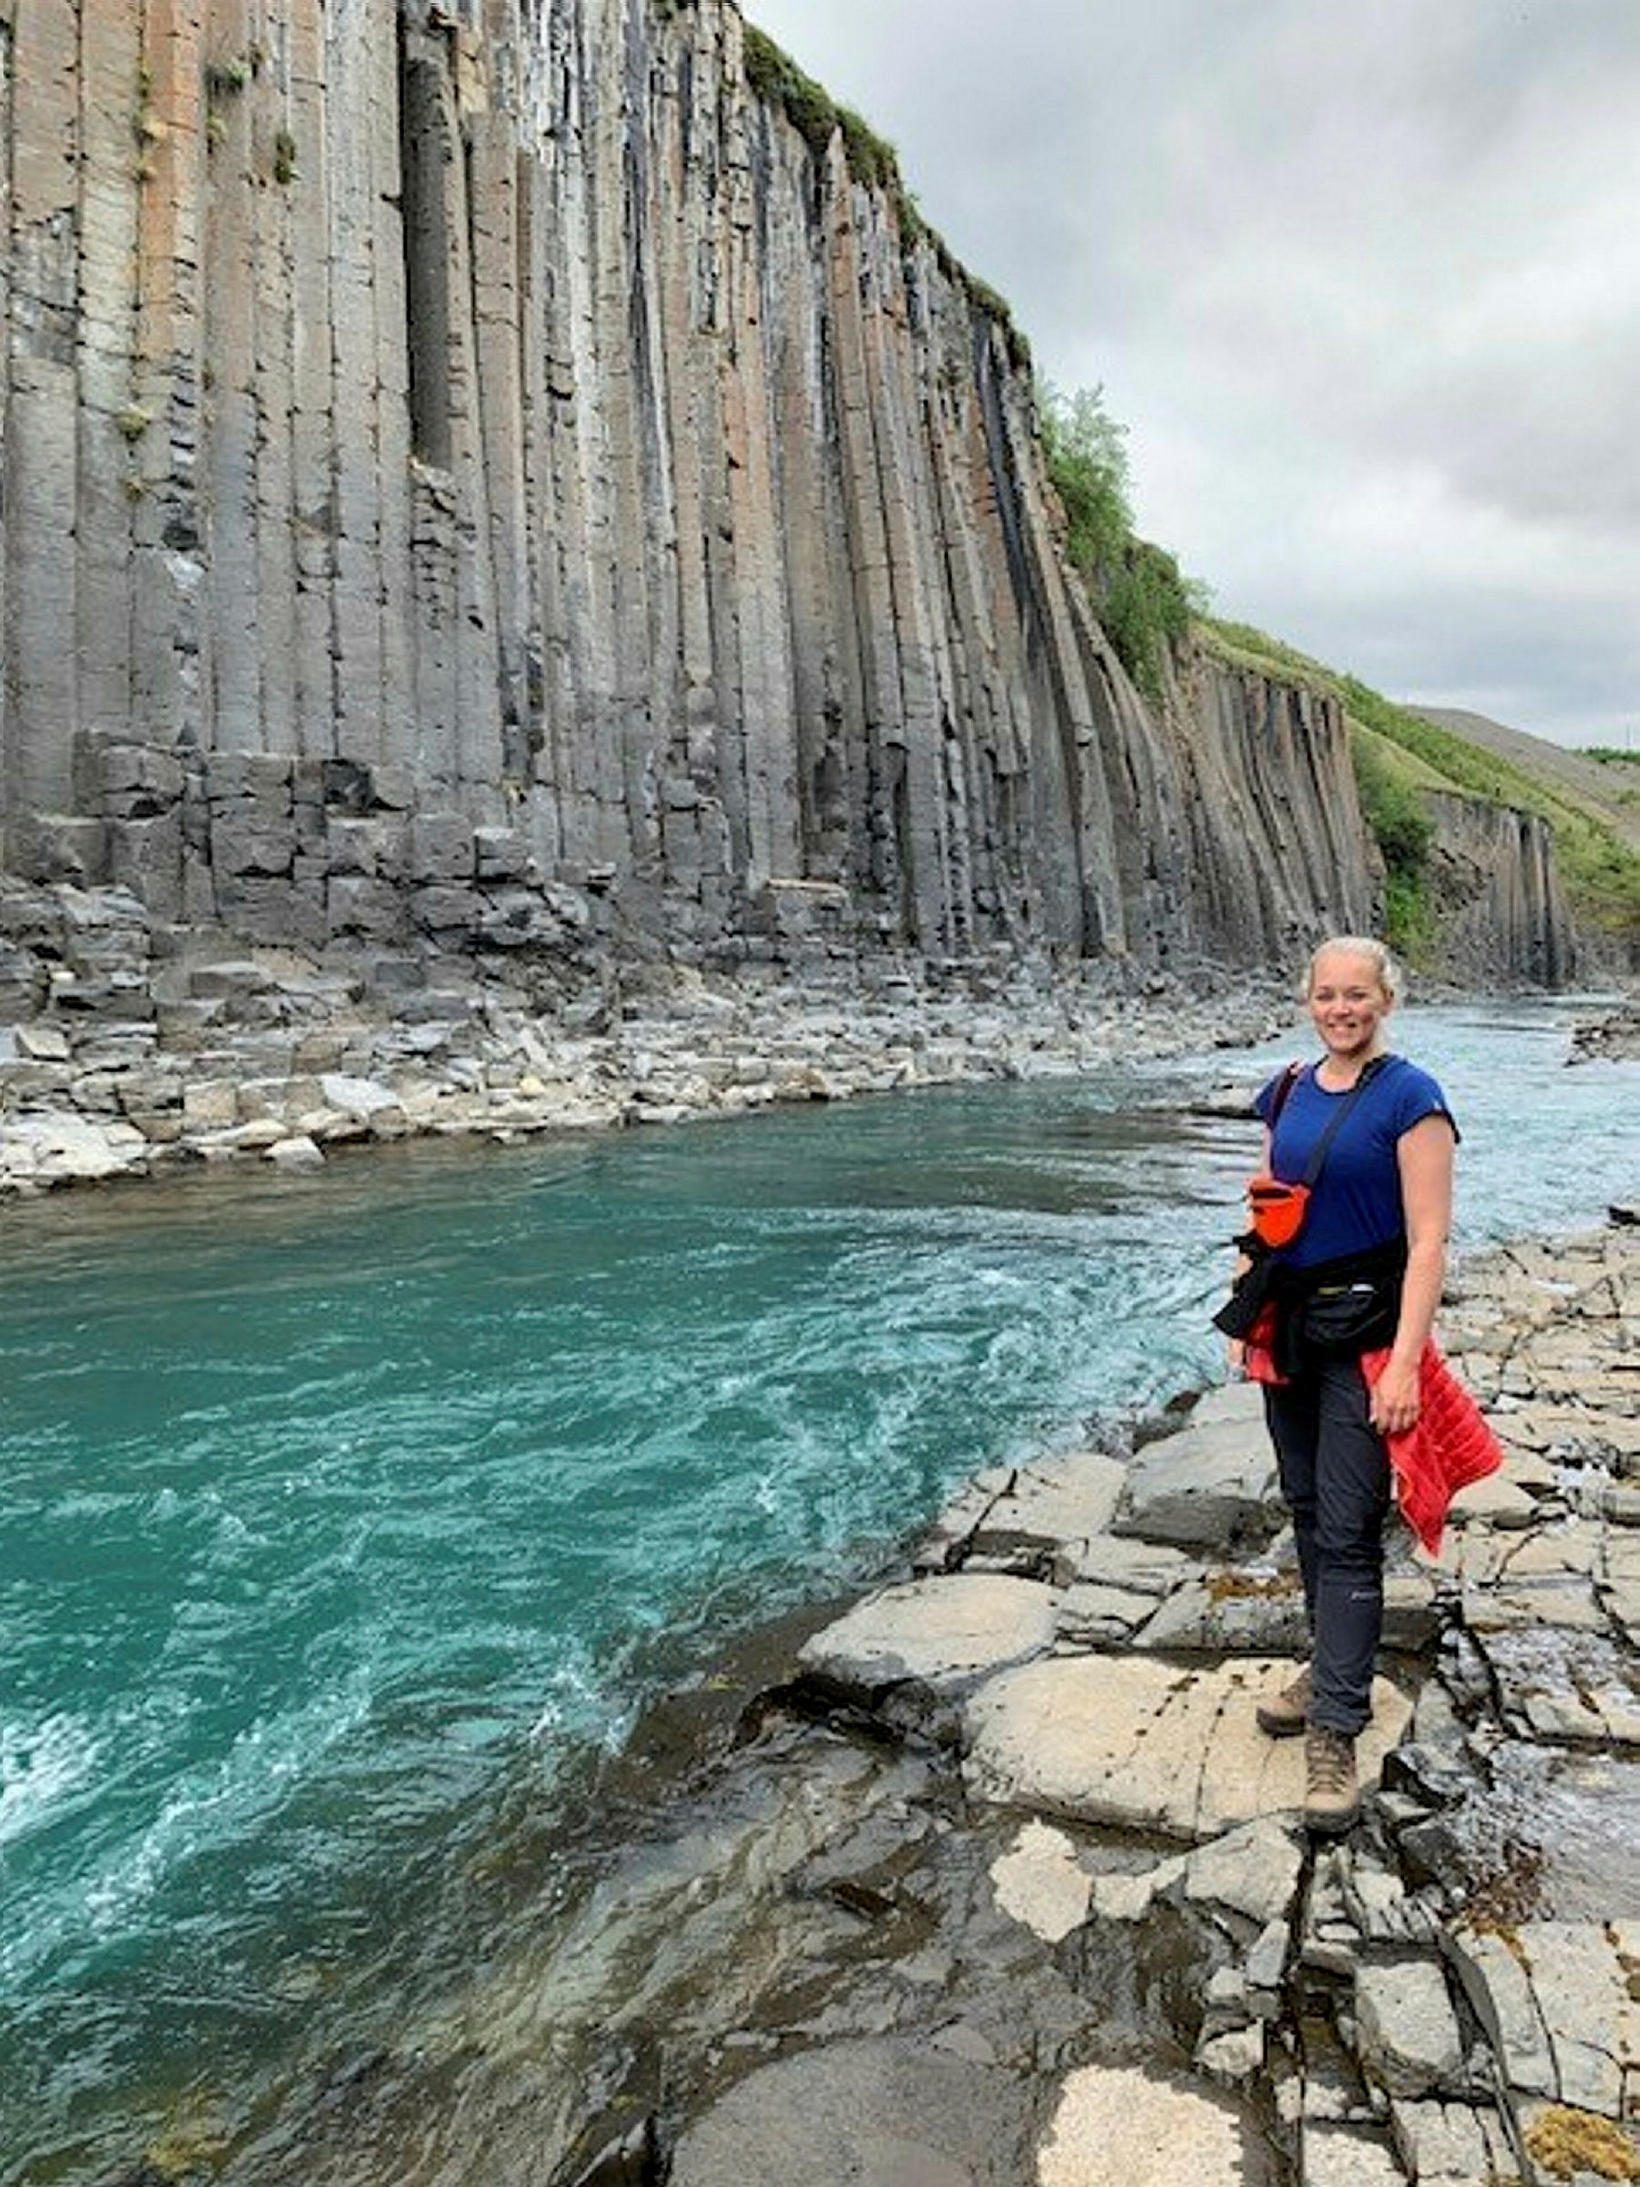 Ásthildur við Stuðalberg. Hún nýtti fyrrasumar til að ferðast innanlands.